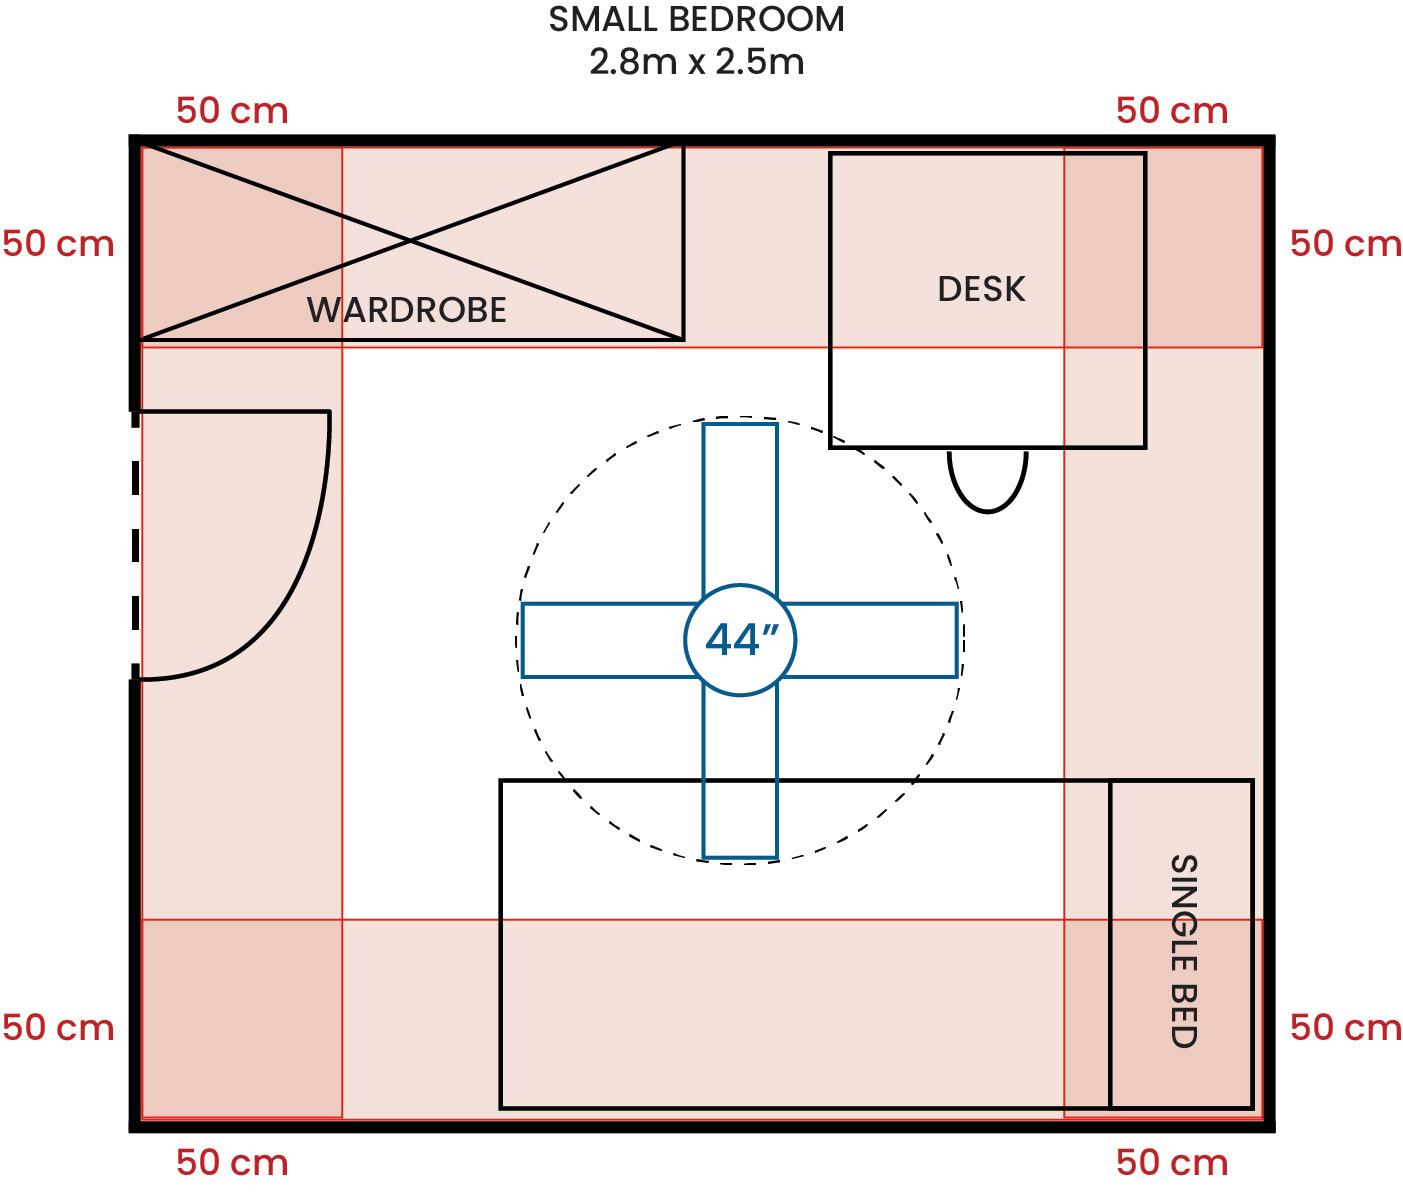 Small Bedroom 280 250 44F G